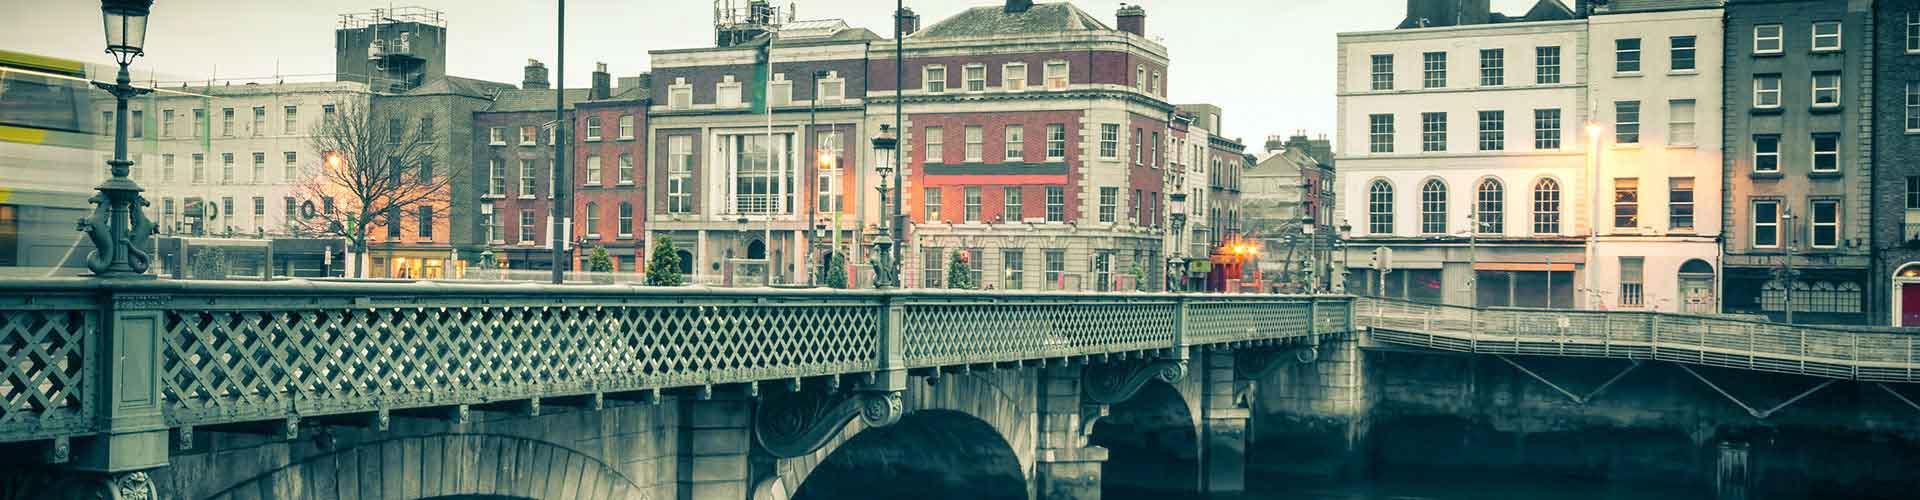 Dublin - Ifjúsági Szállások Dublinben. Dublin térképek, fotók és ajánlások minden egyes ifjúsági szállásokra Dublin-ben.